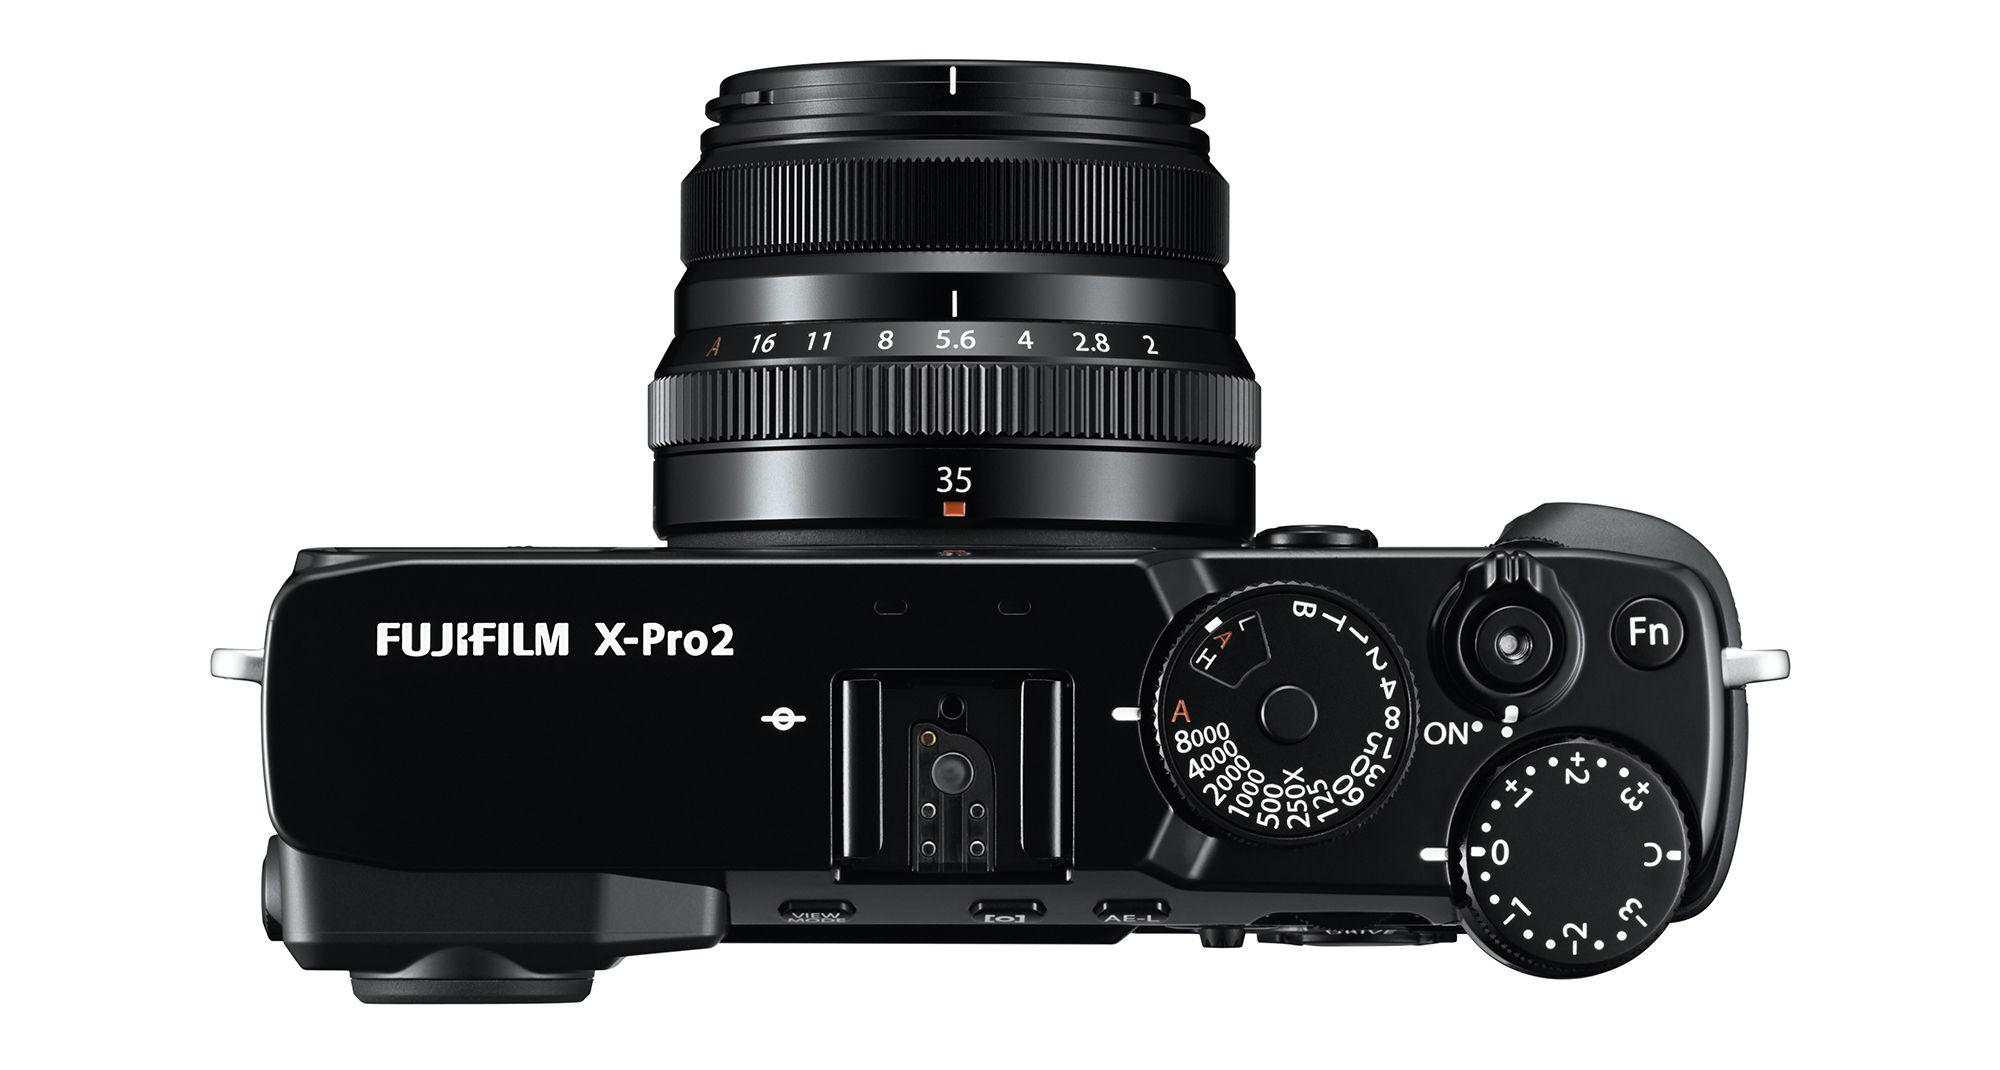 fujifilm-x-pro2-150116-2